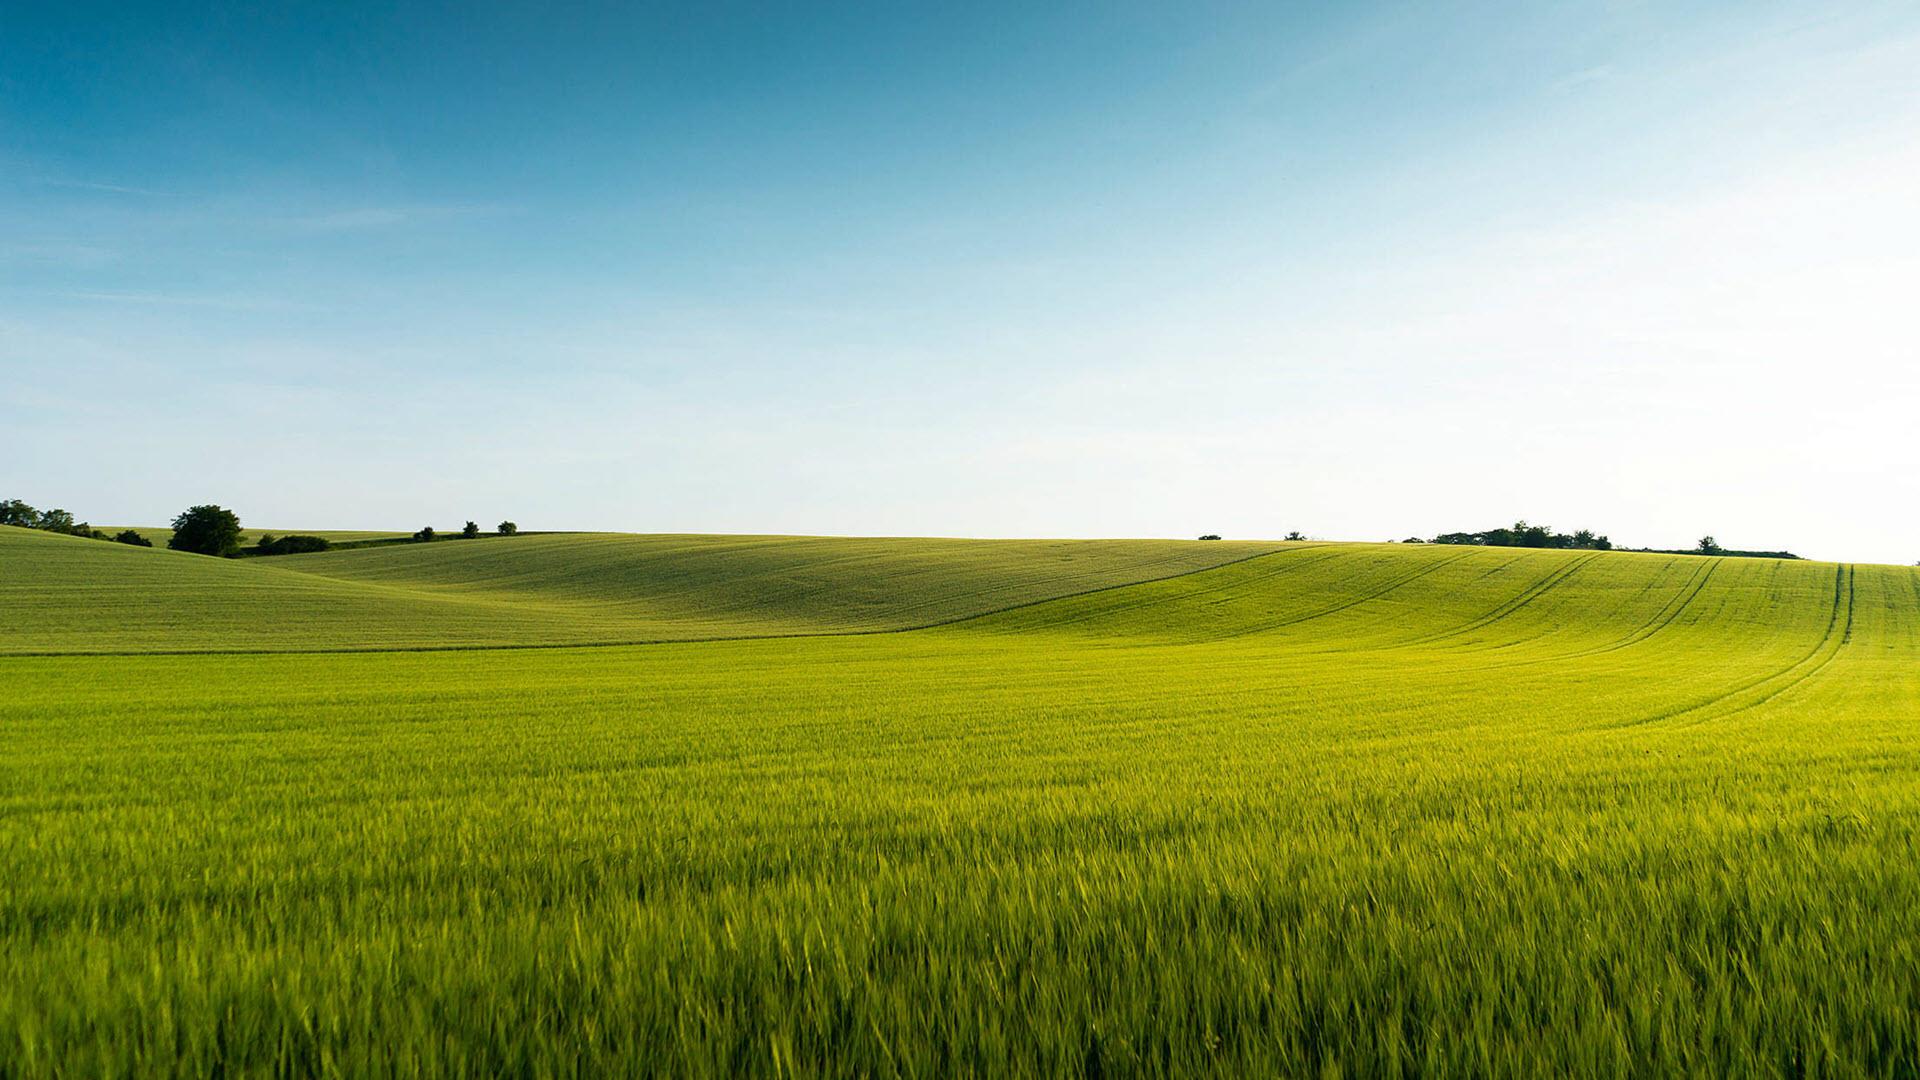 Hình nền phong cảnh cánh đồng